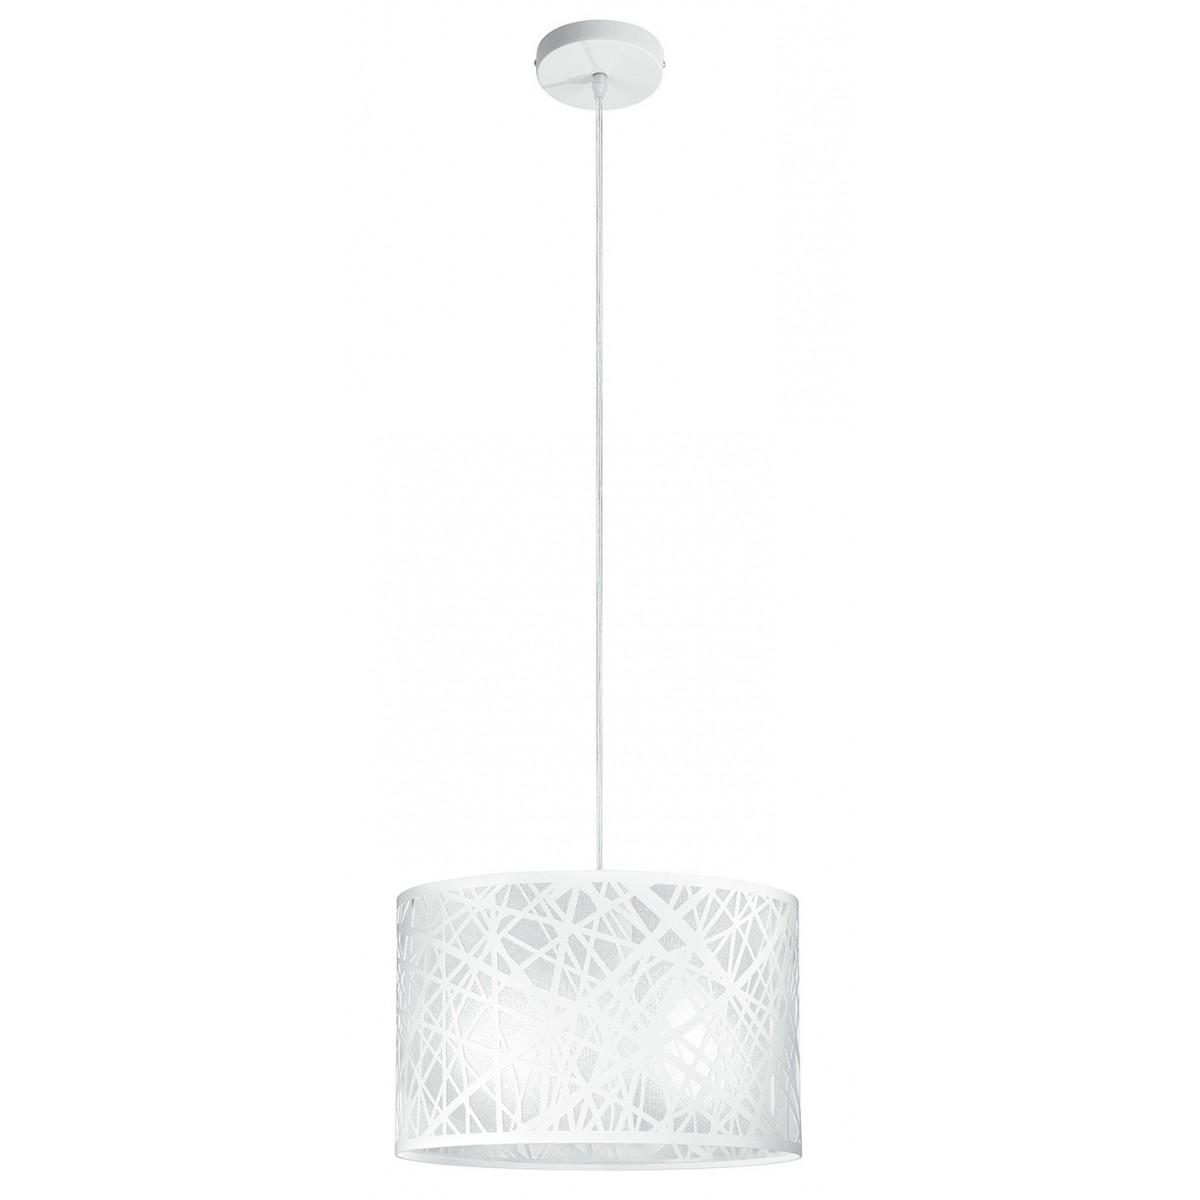 I-BATIK / S35 - Lustre à suspension circulaire en acier blanc décoration abstraite sculptée intérieur moderne E27